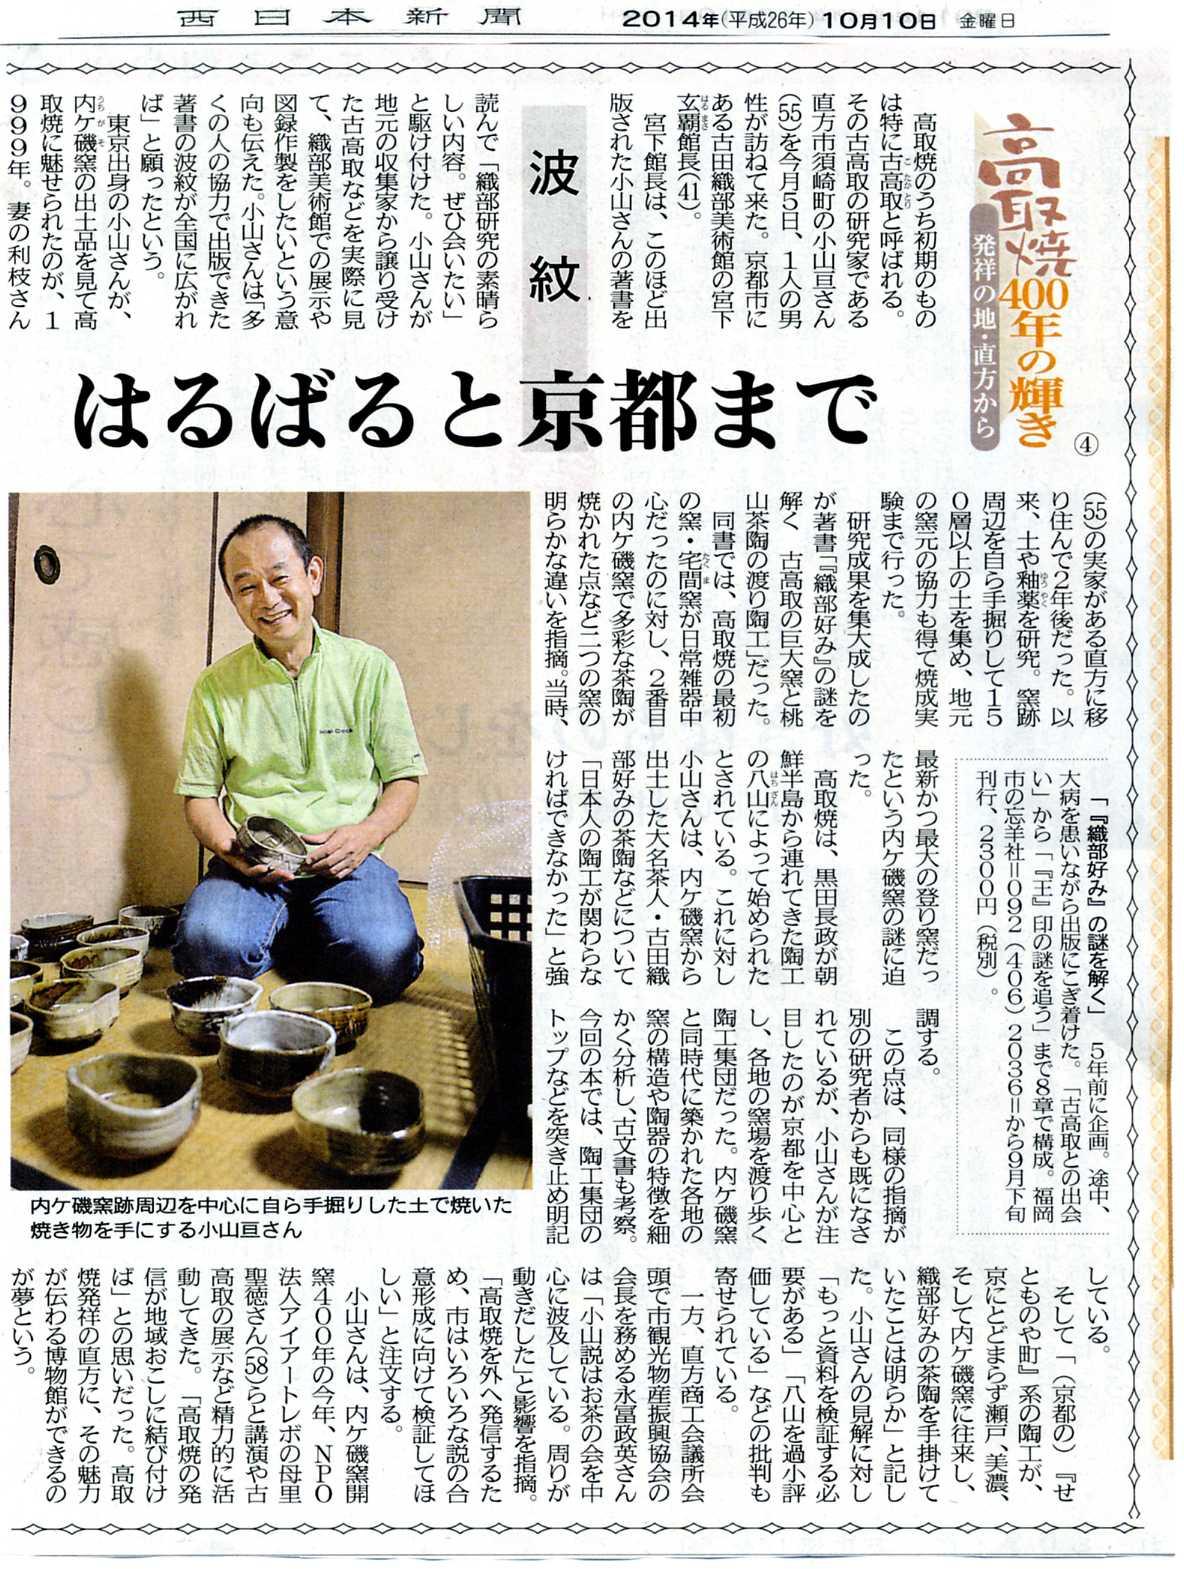 04-nishinippon-takatori2014.10.10